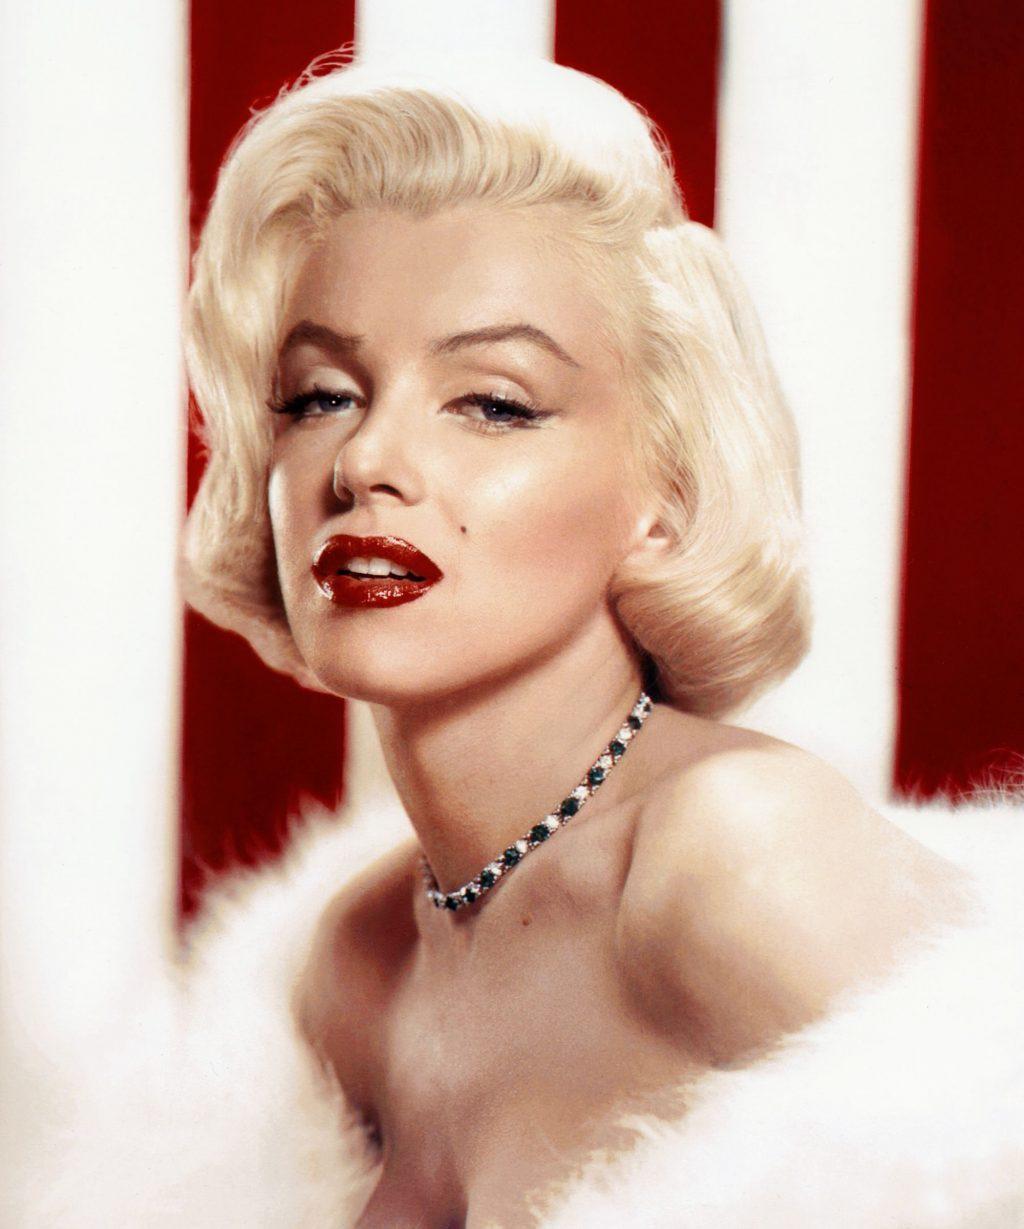 Nhan sắc khuynh đảo một thời của biểu tượng điện ảnh Marilyn Monroe Ảnh 4